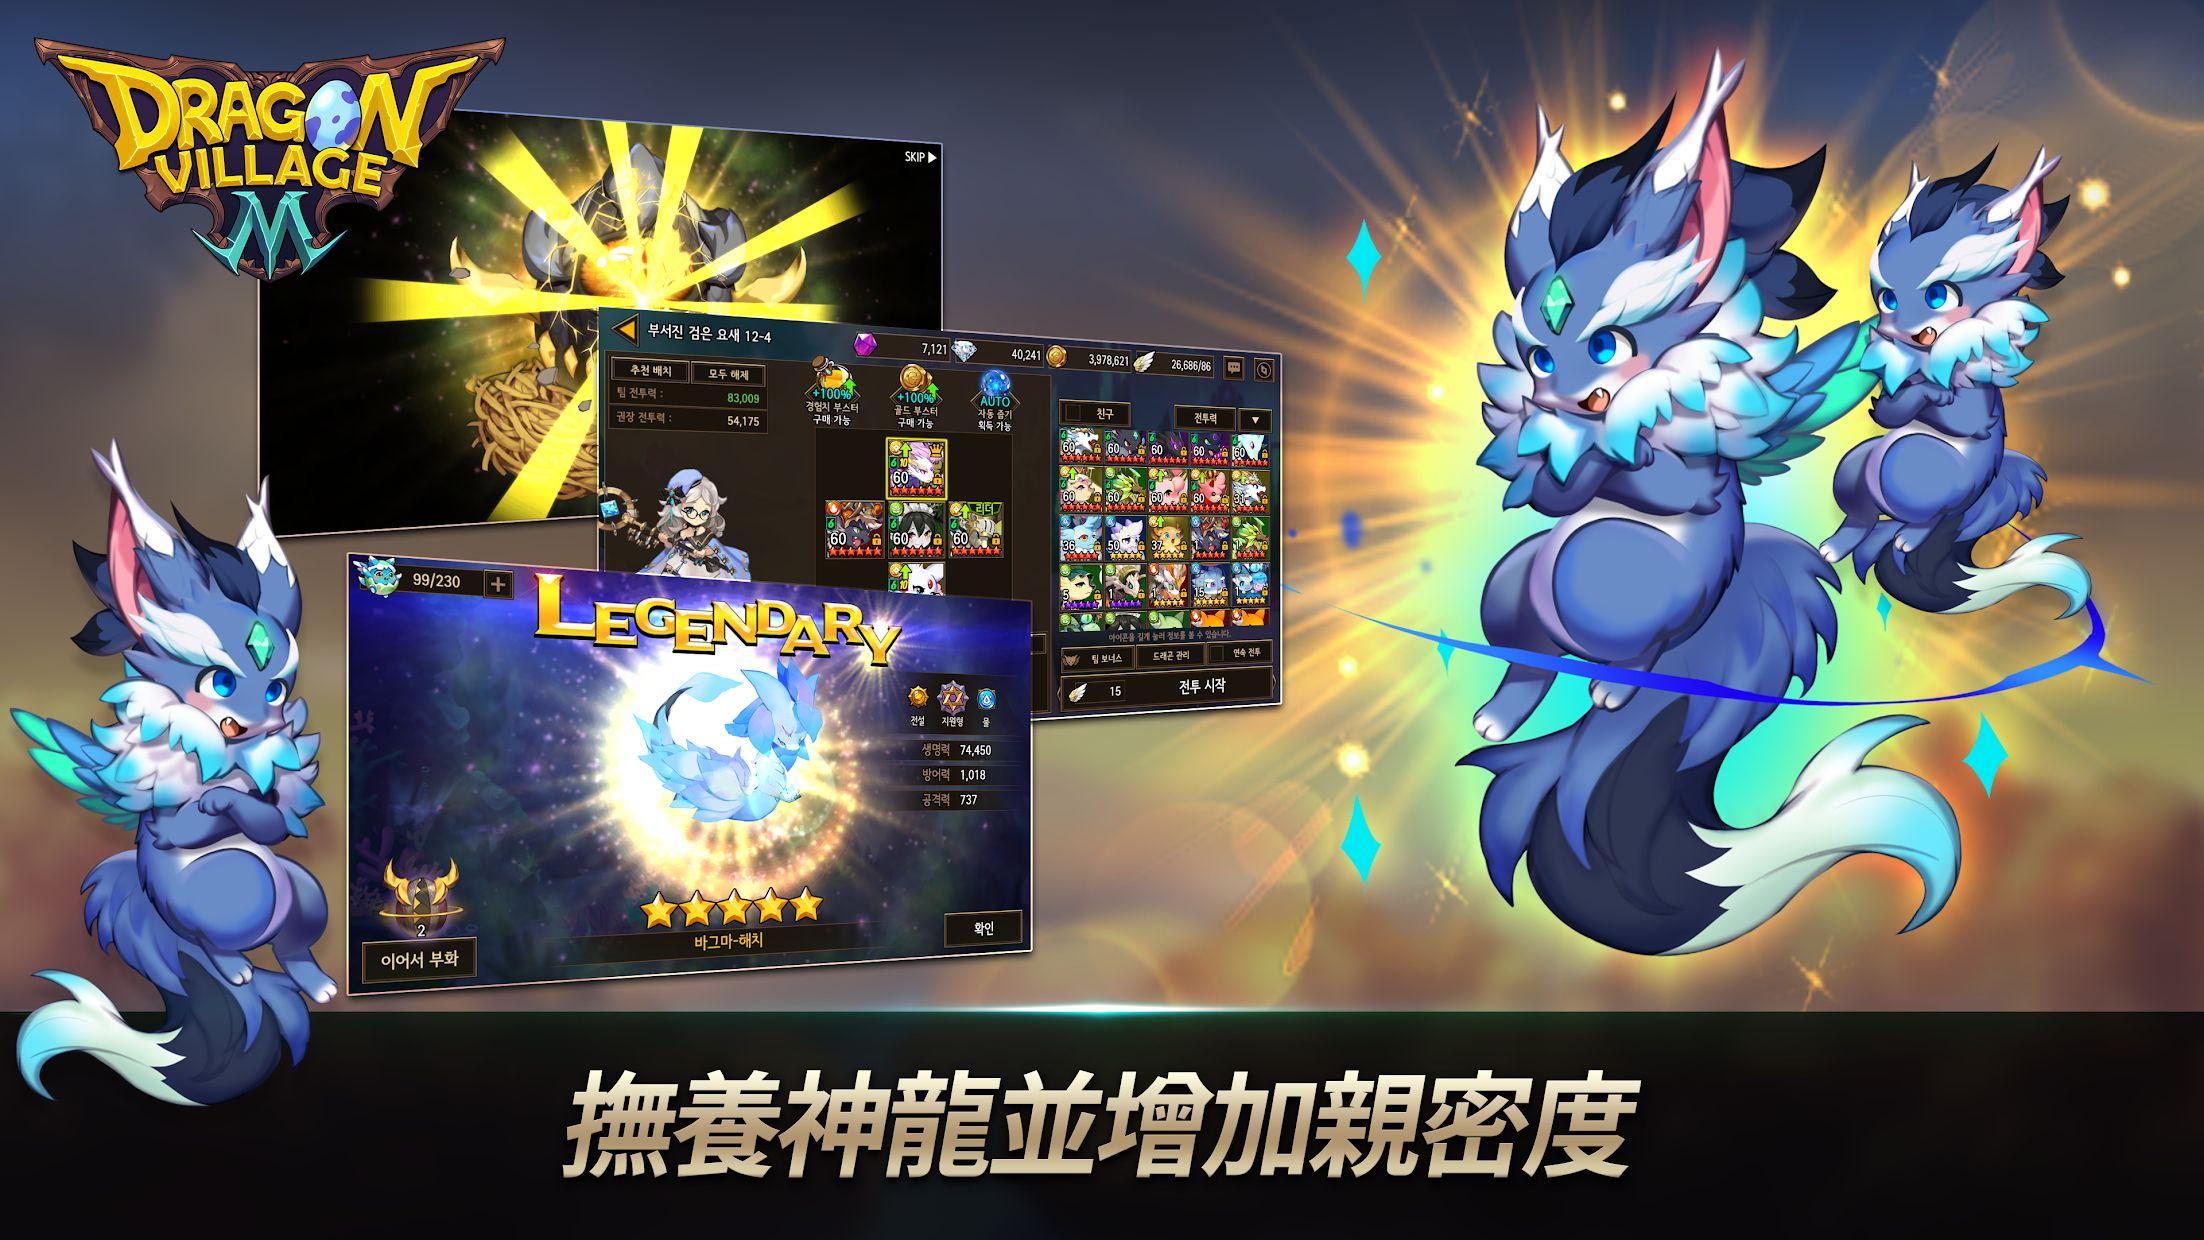 龙RPG - 龙村M 游戏截图4